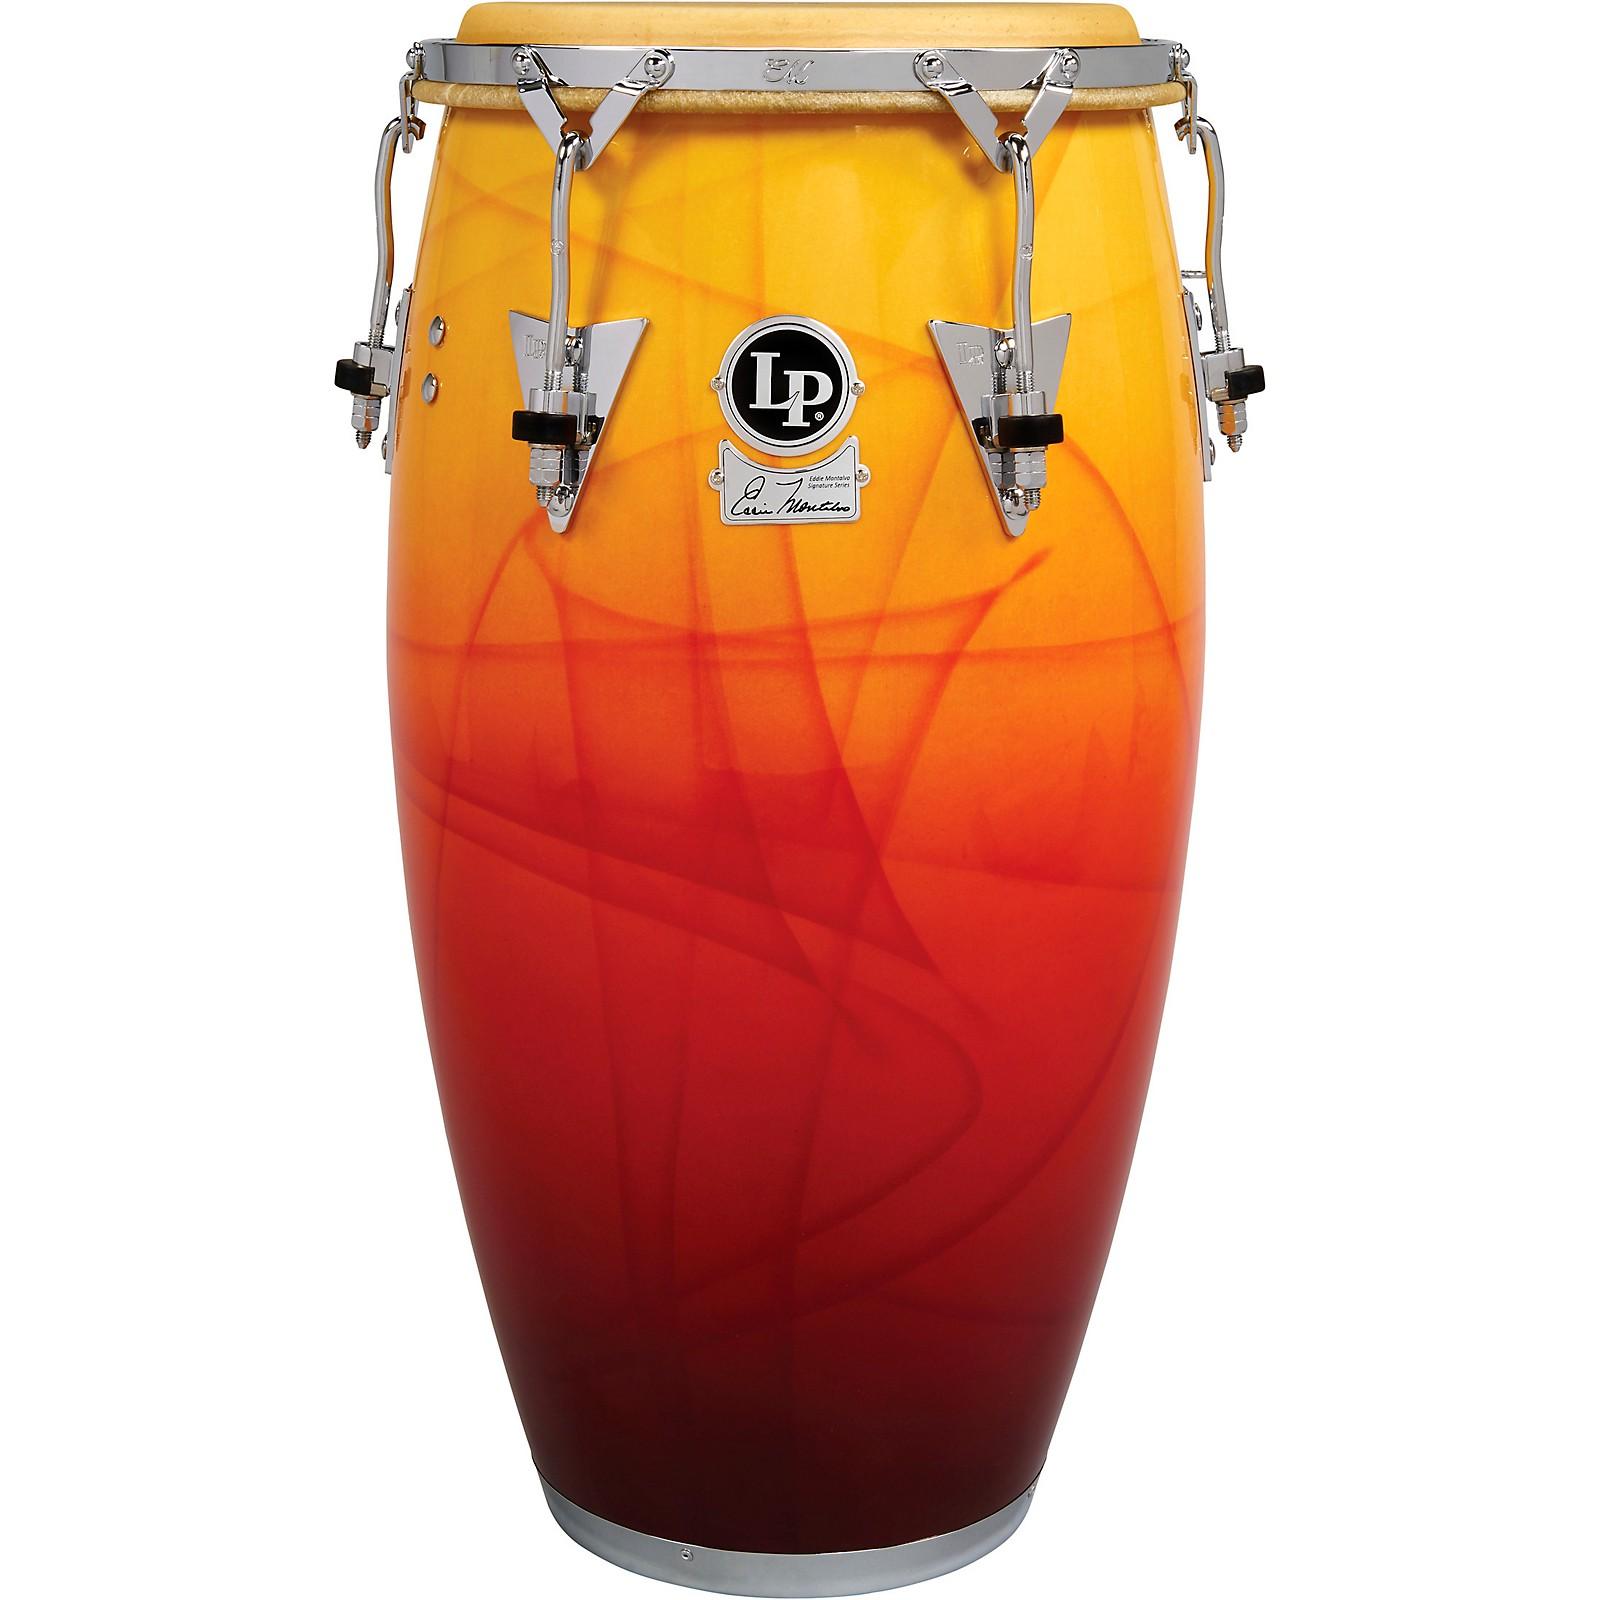 Open Box LP Eddie Montalvo Signature Fiberglass Conga Drum